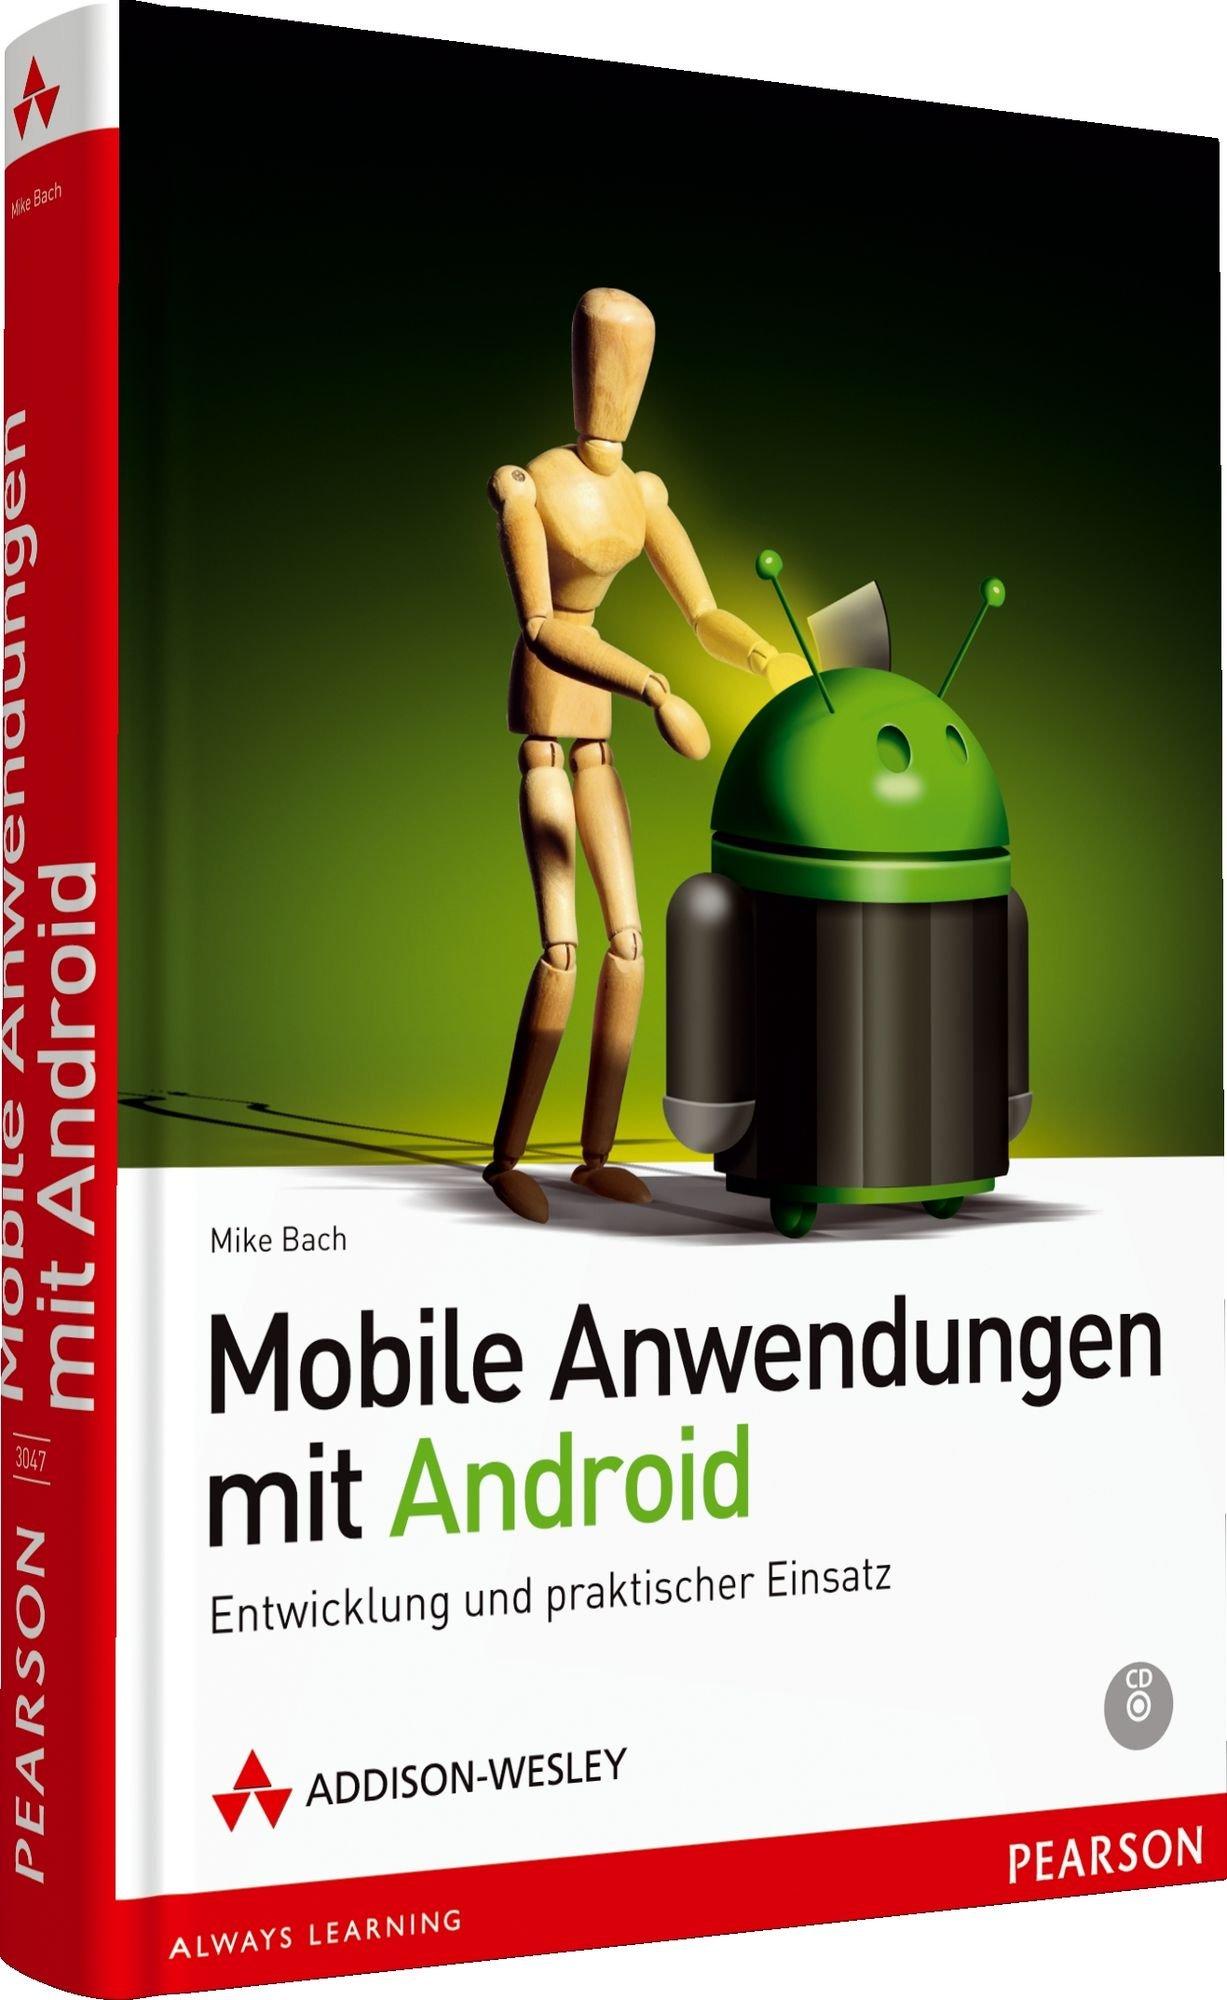 Mobile Anwendungen mit Android: Entwicklung und praktischer Einsatz (Open Source Library) Gebundenes Buch – 1. Dezember 2011 Mike Bach Addison-Wesley Verlag 3827330475 9783827330475